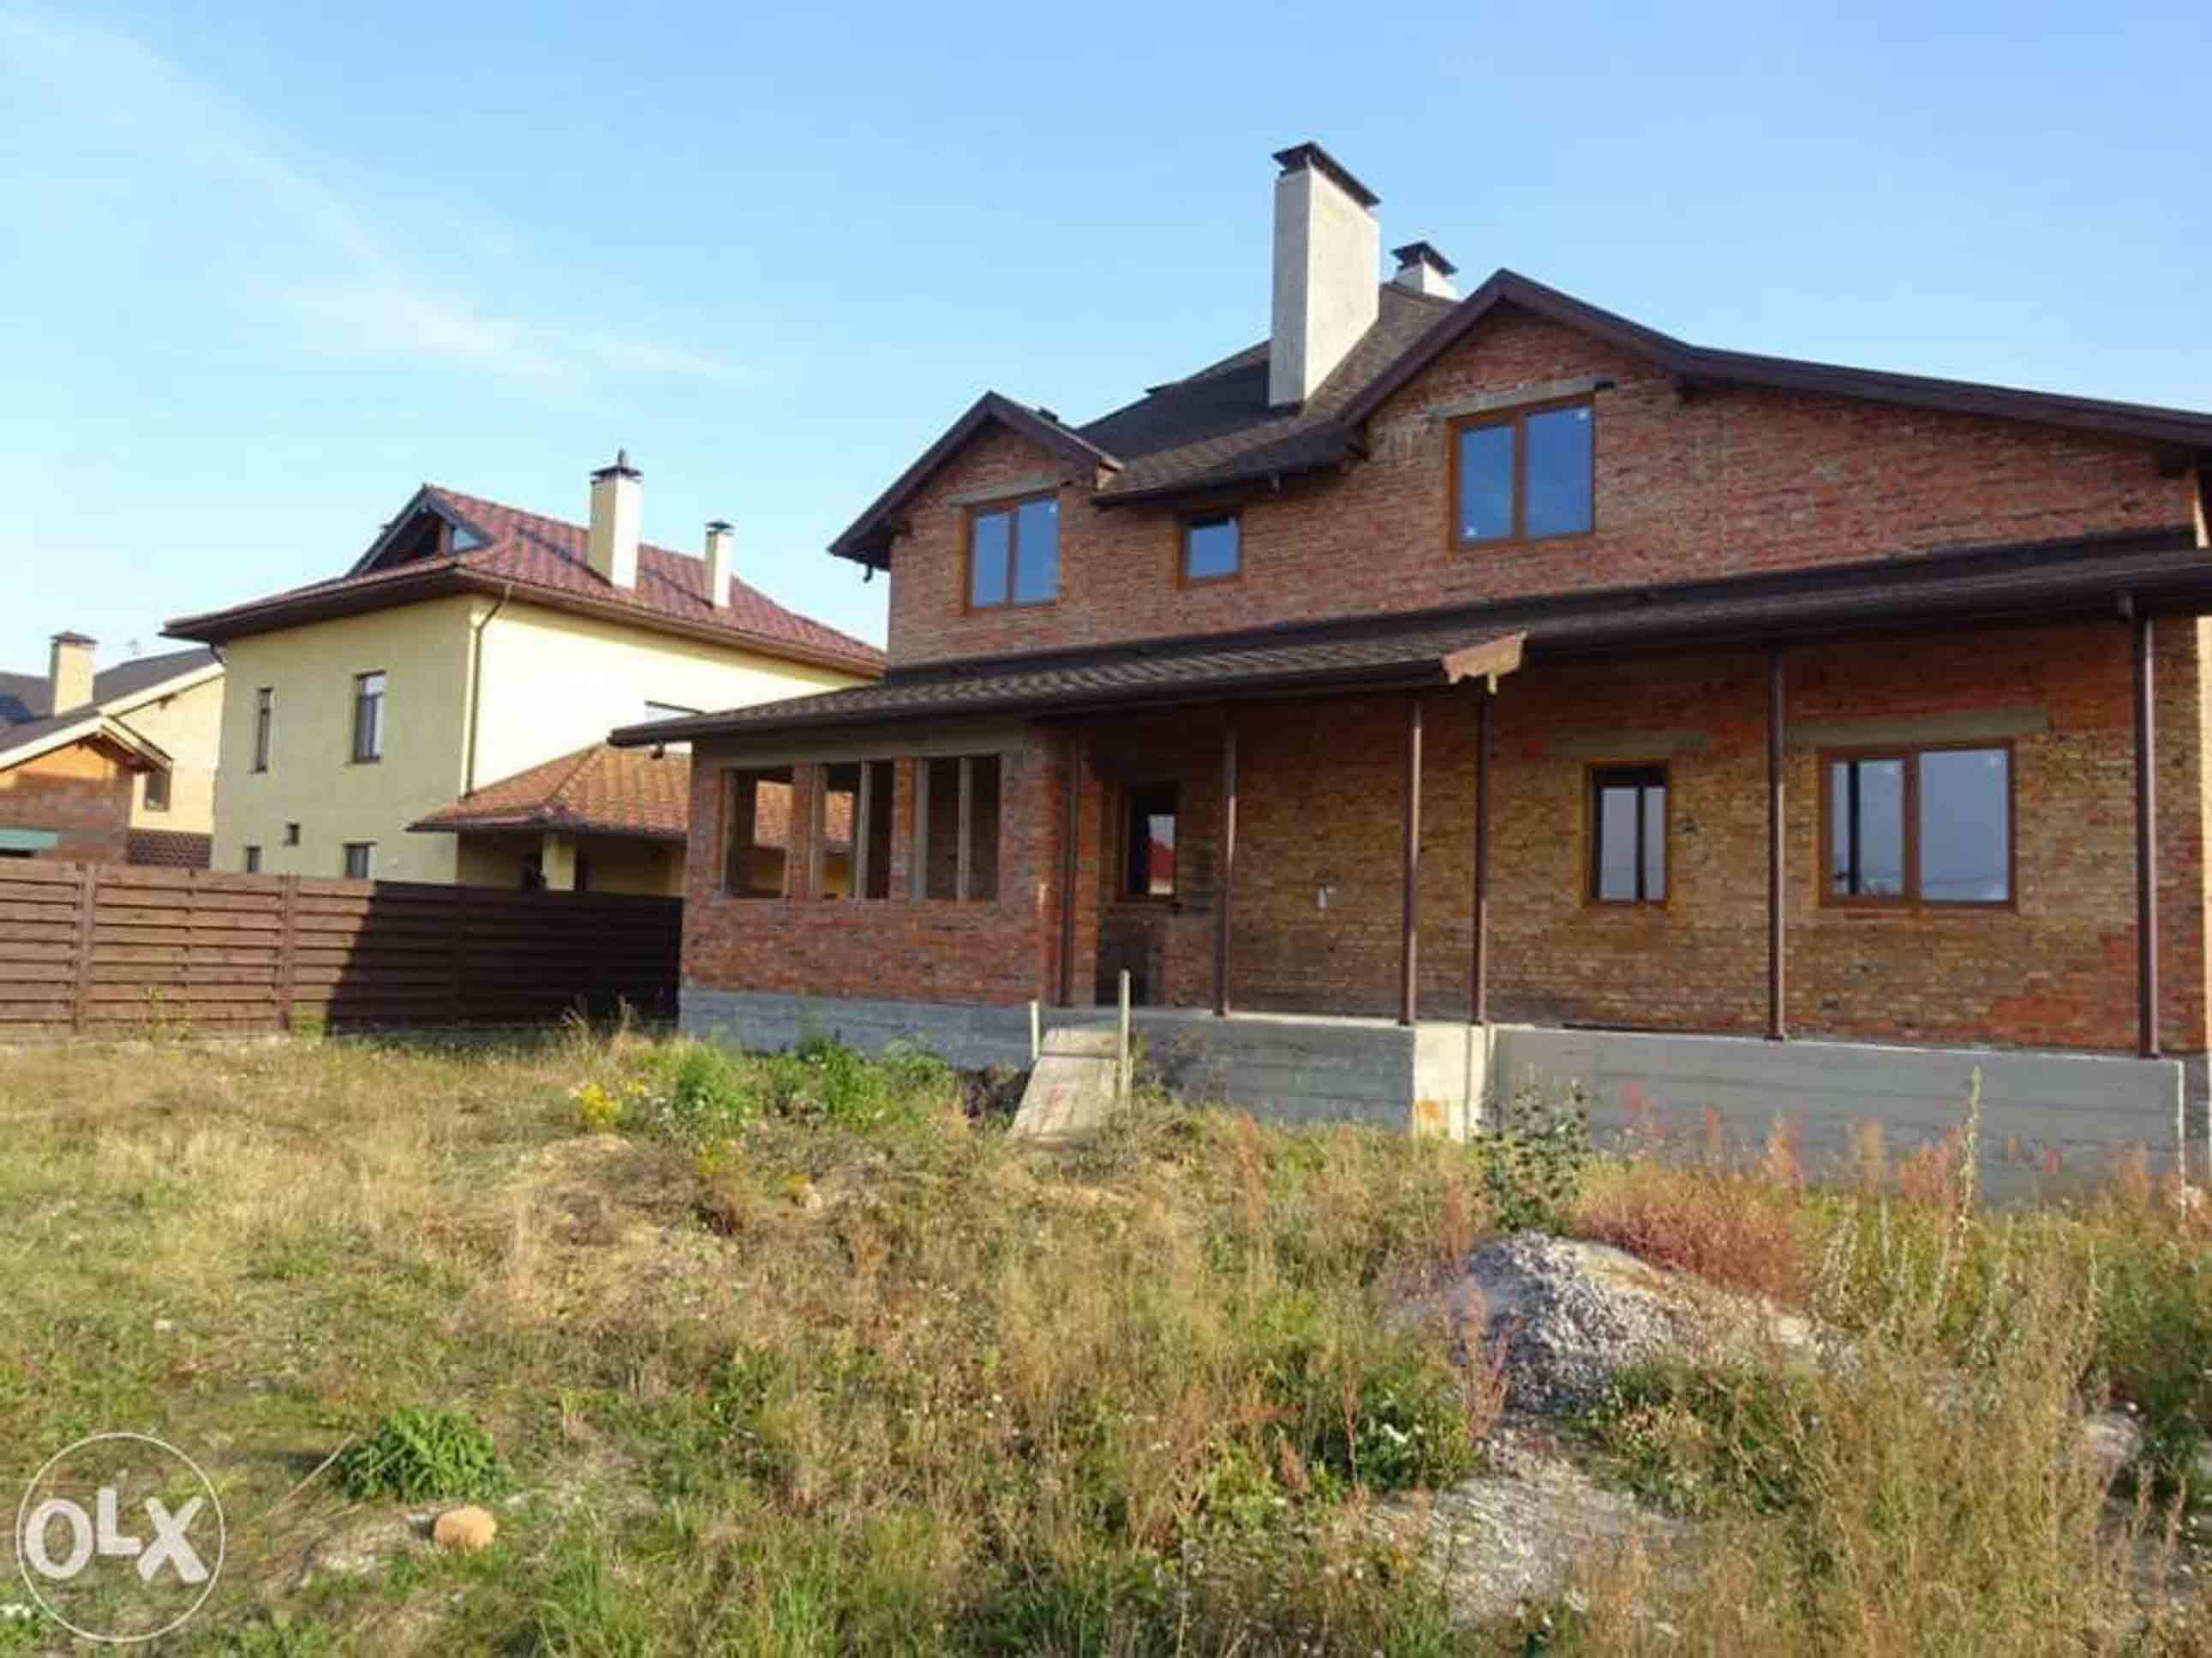 Петропавловская Борщаговка хороший новый кирпичный дом фото 2